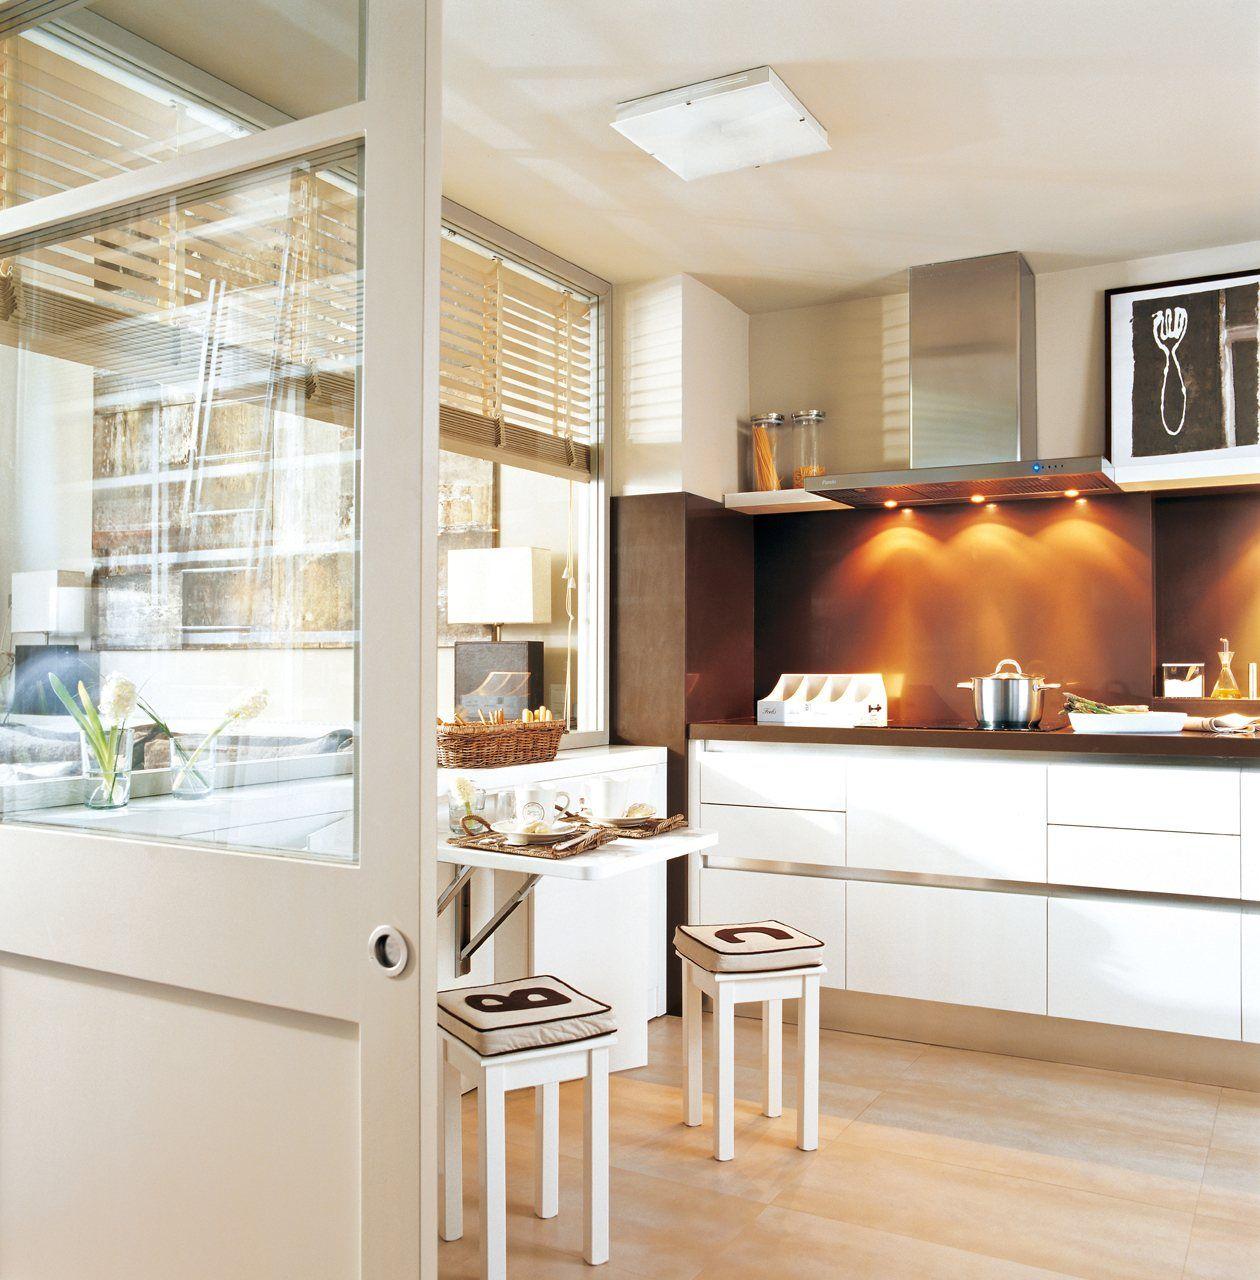 20 cocinas peque as y muy bonitas cocinas cocinas for Cocinas bonitas y practicas